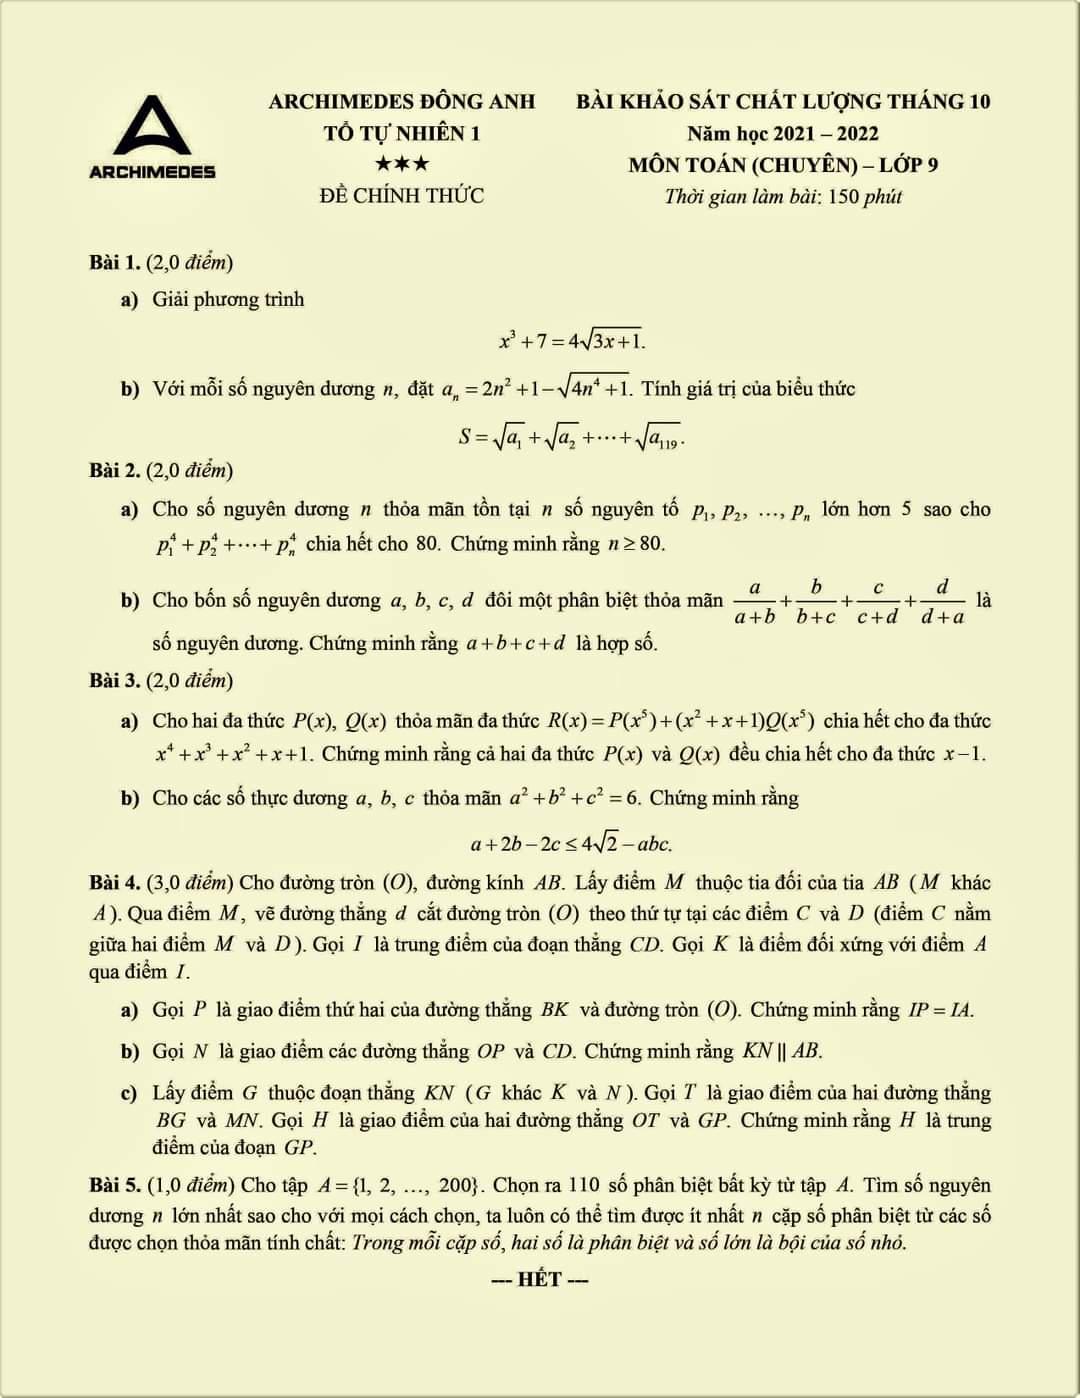 Đề khảo sát môn Toán 9 THCS Archimedes Đông Anh tháng 10 năm 2021